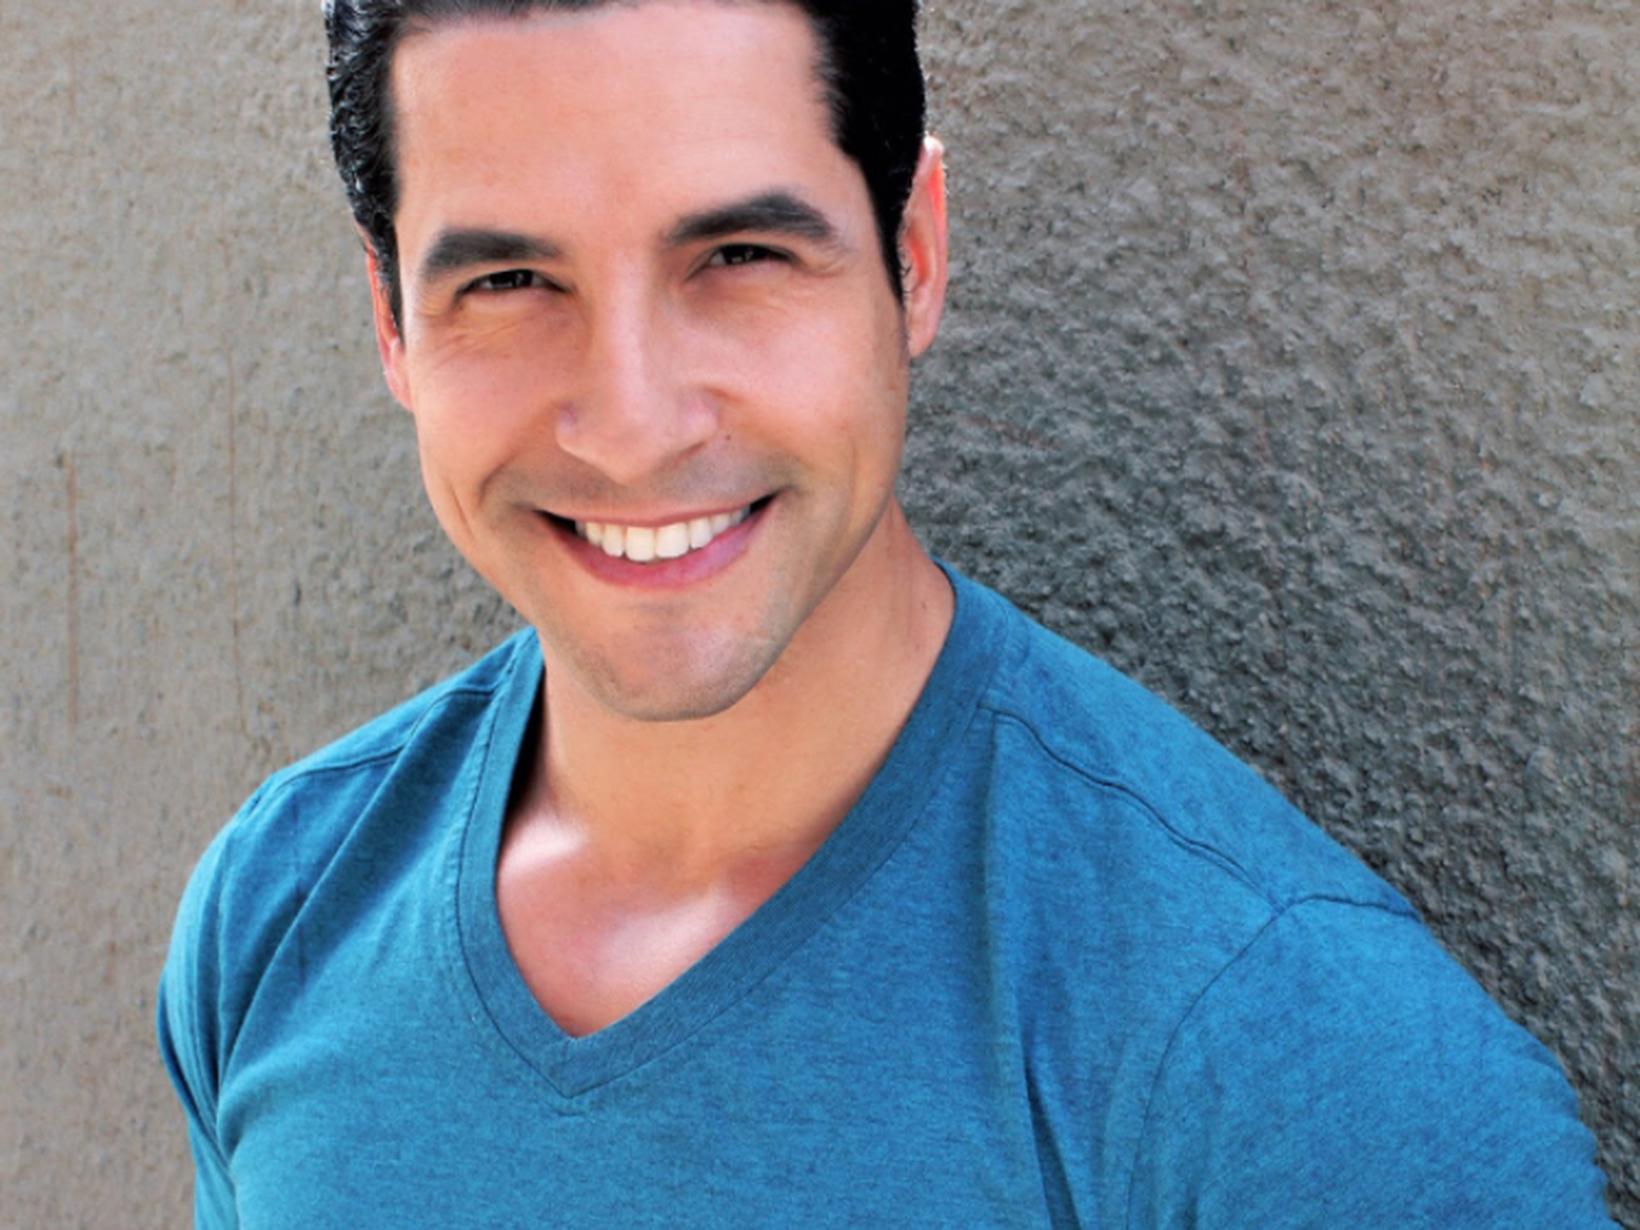 Ricardo from Scottsdale, Arizona, United States